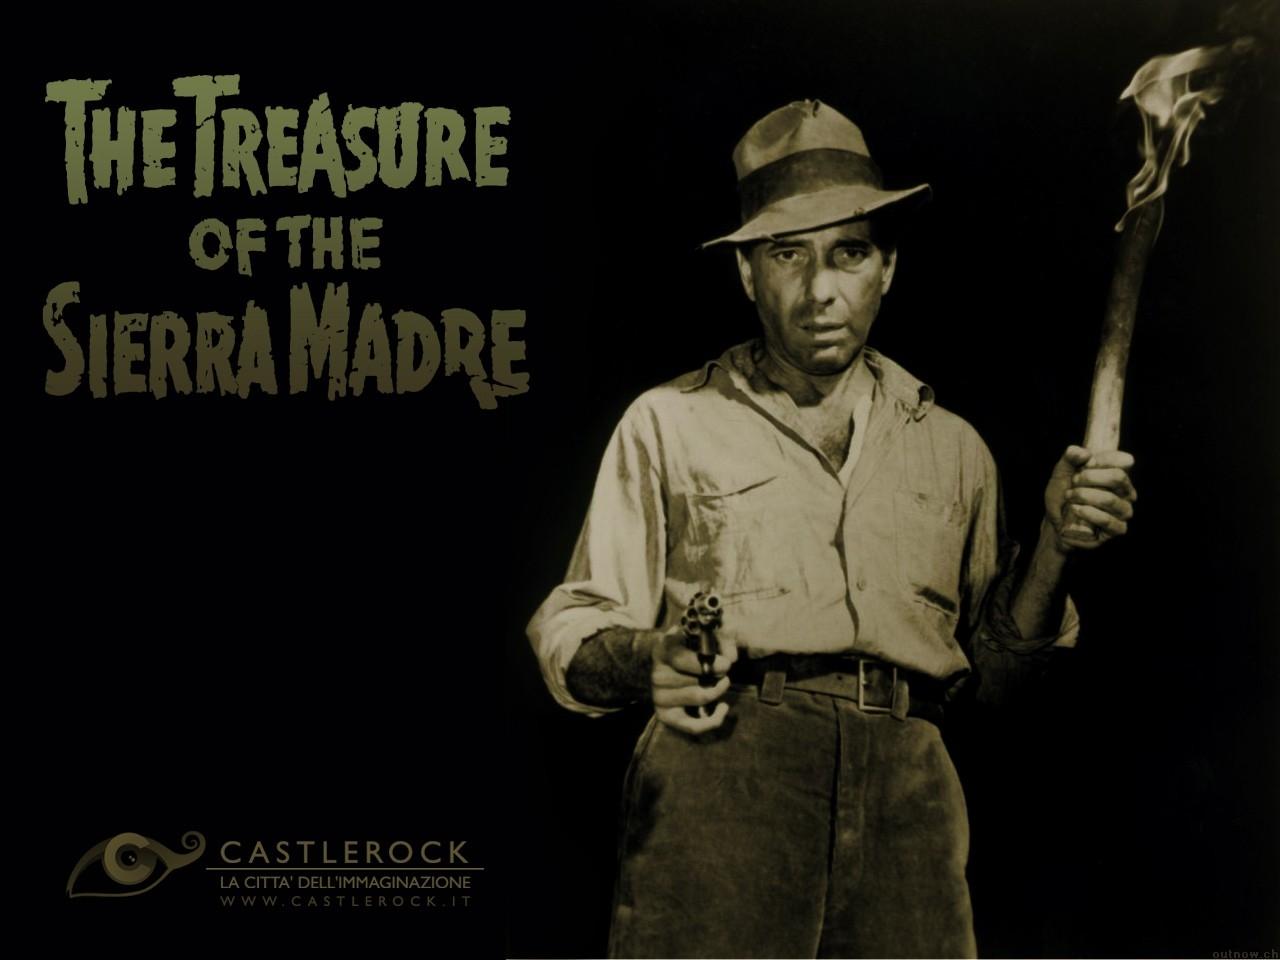 Wallpaper del film Il tesoro della Sierra Madre